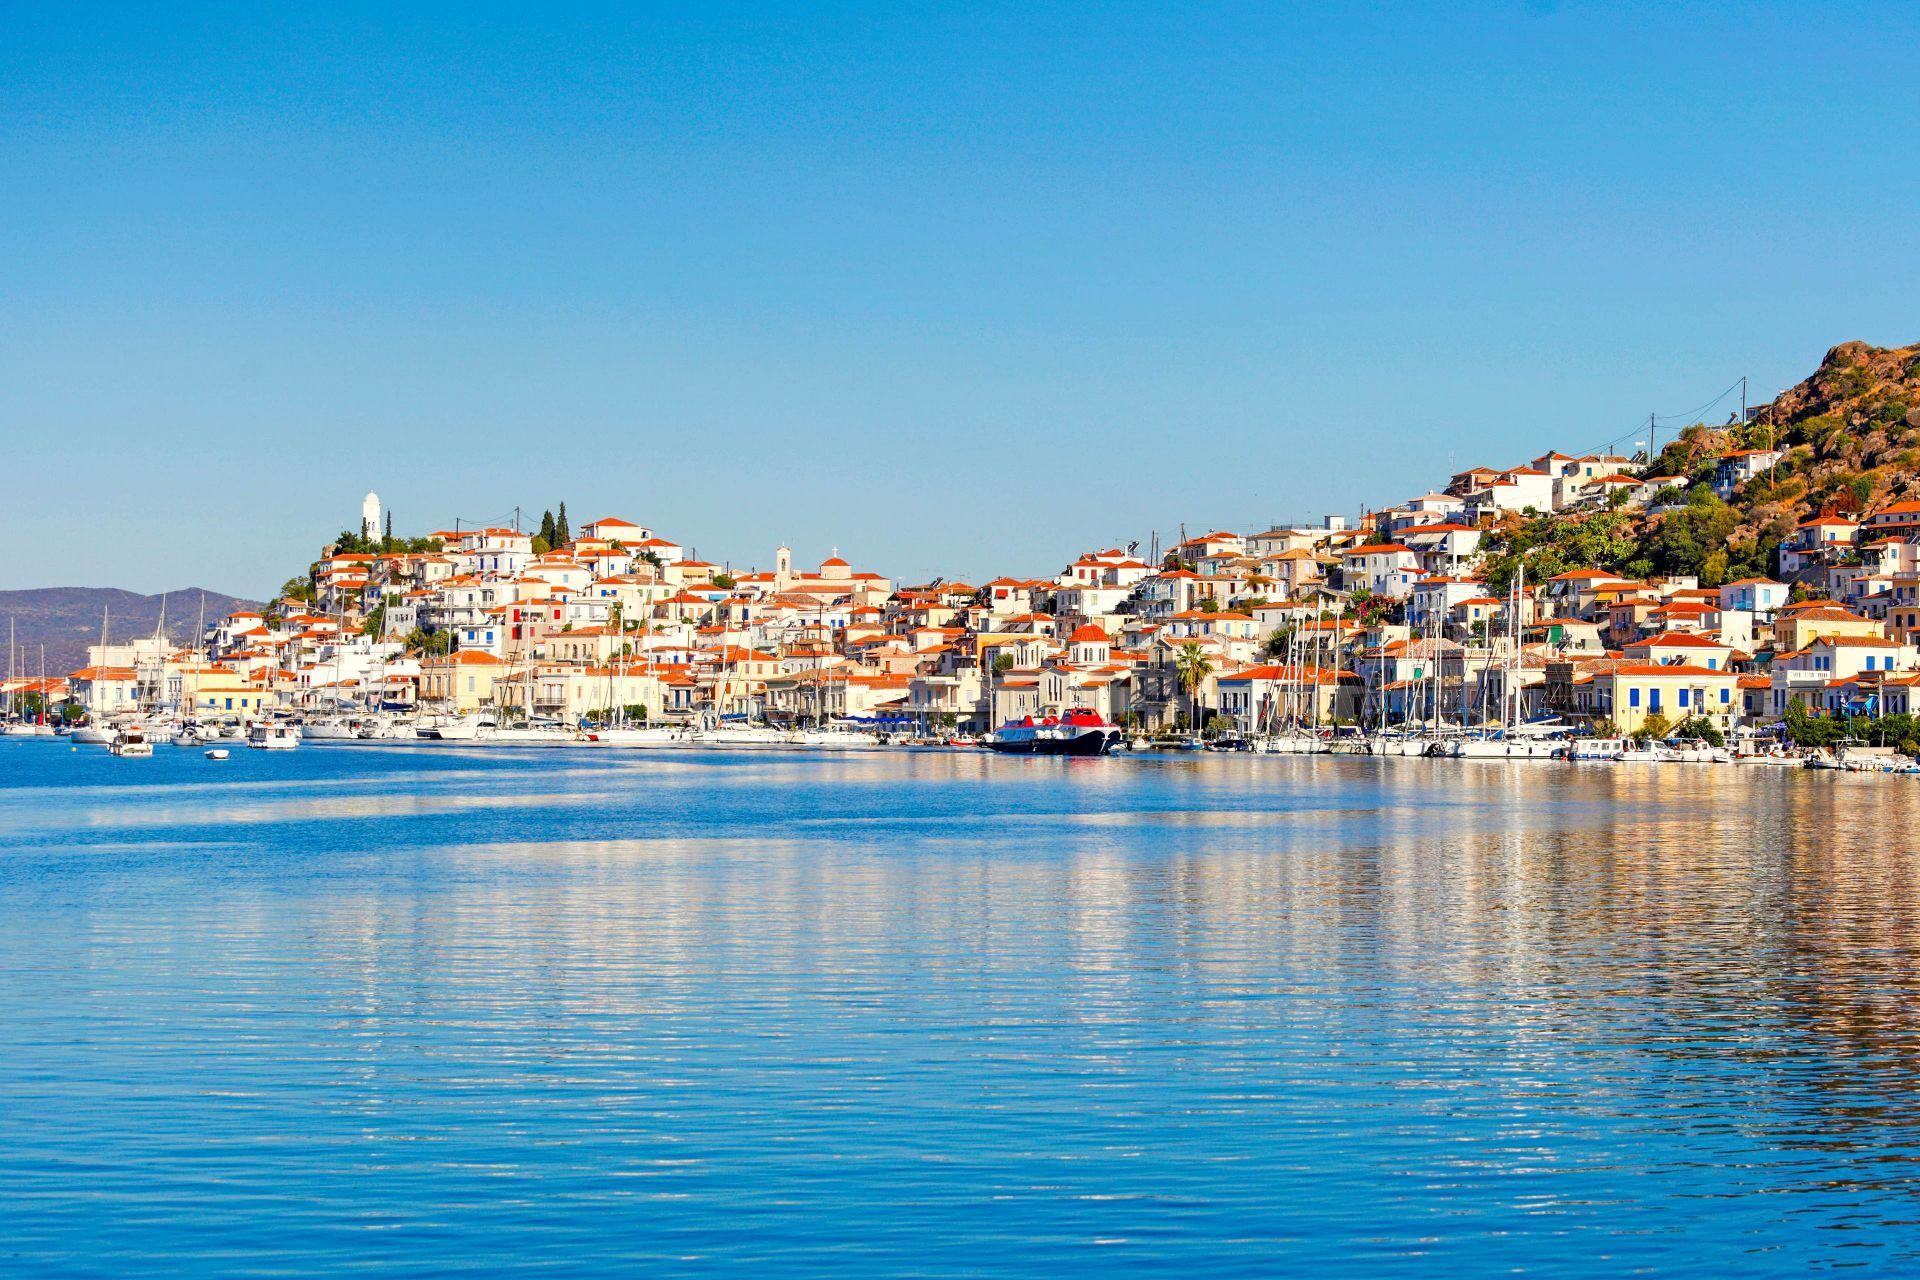 Poros island: Town